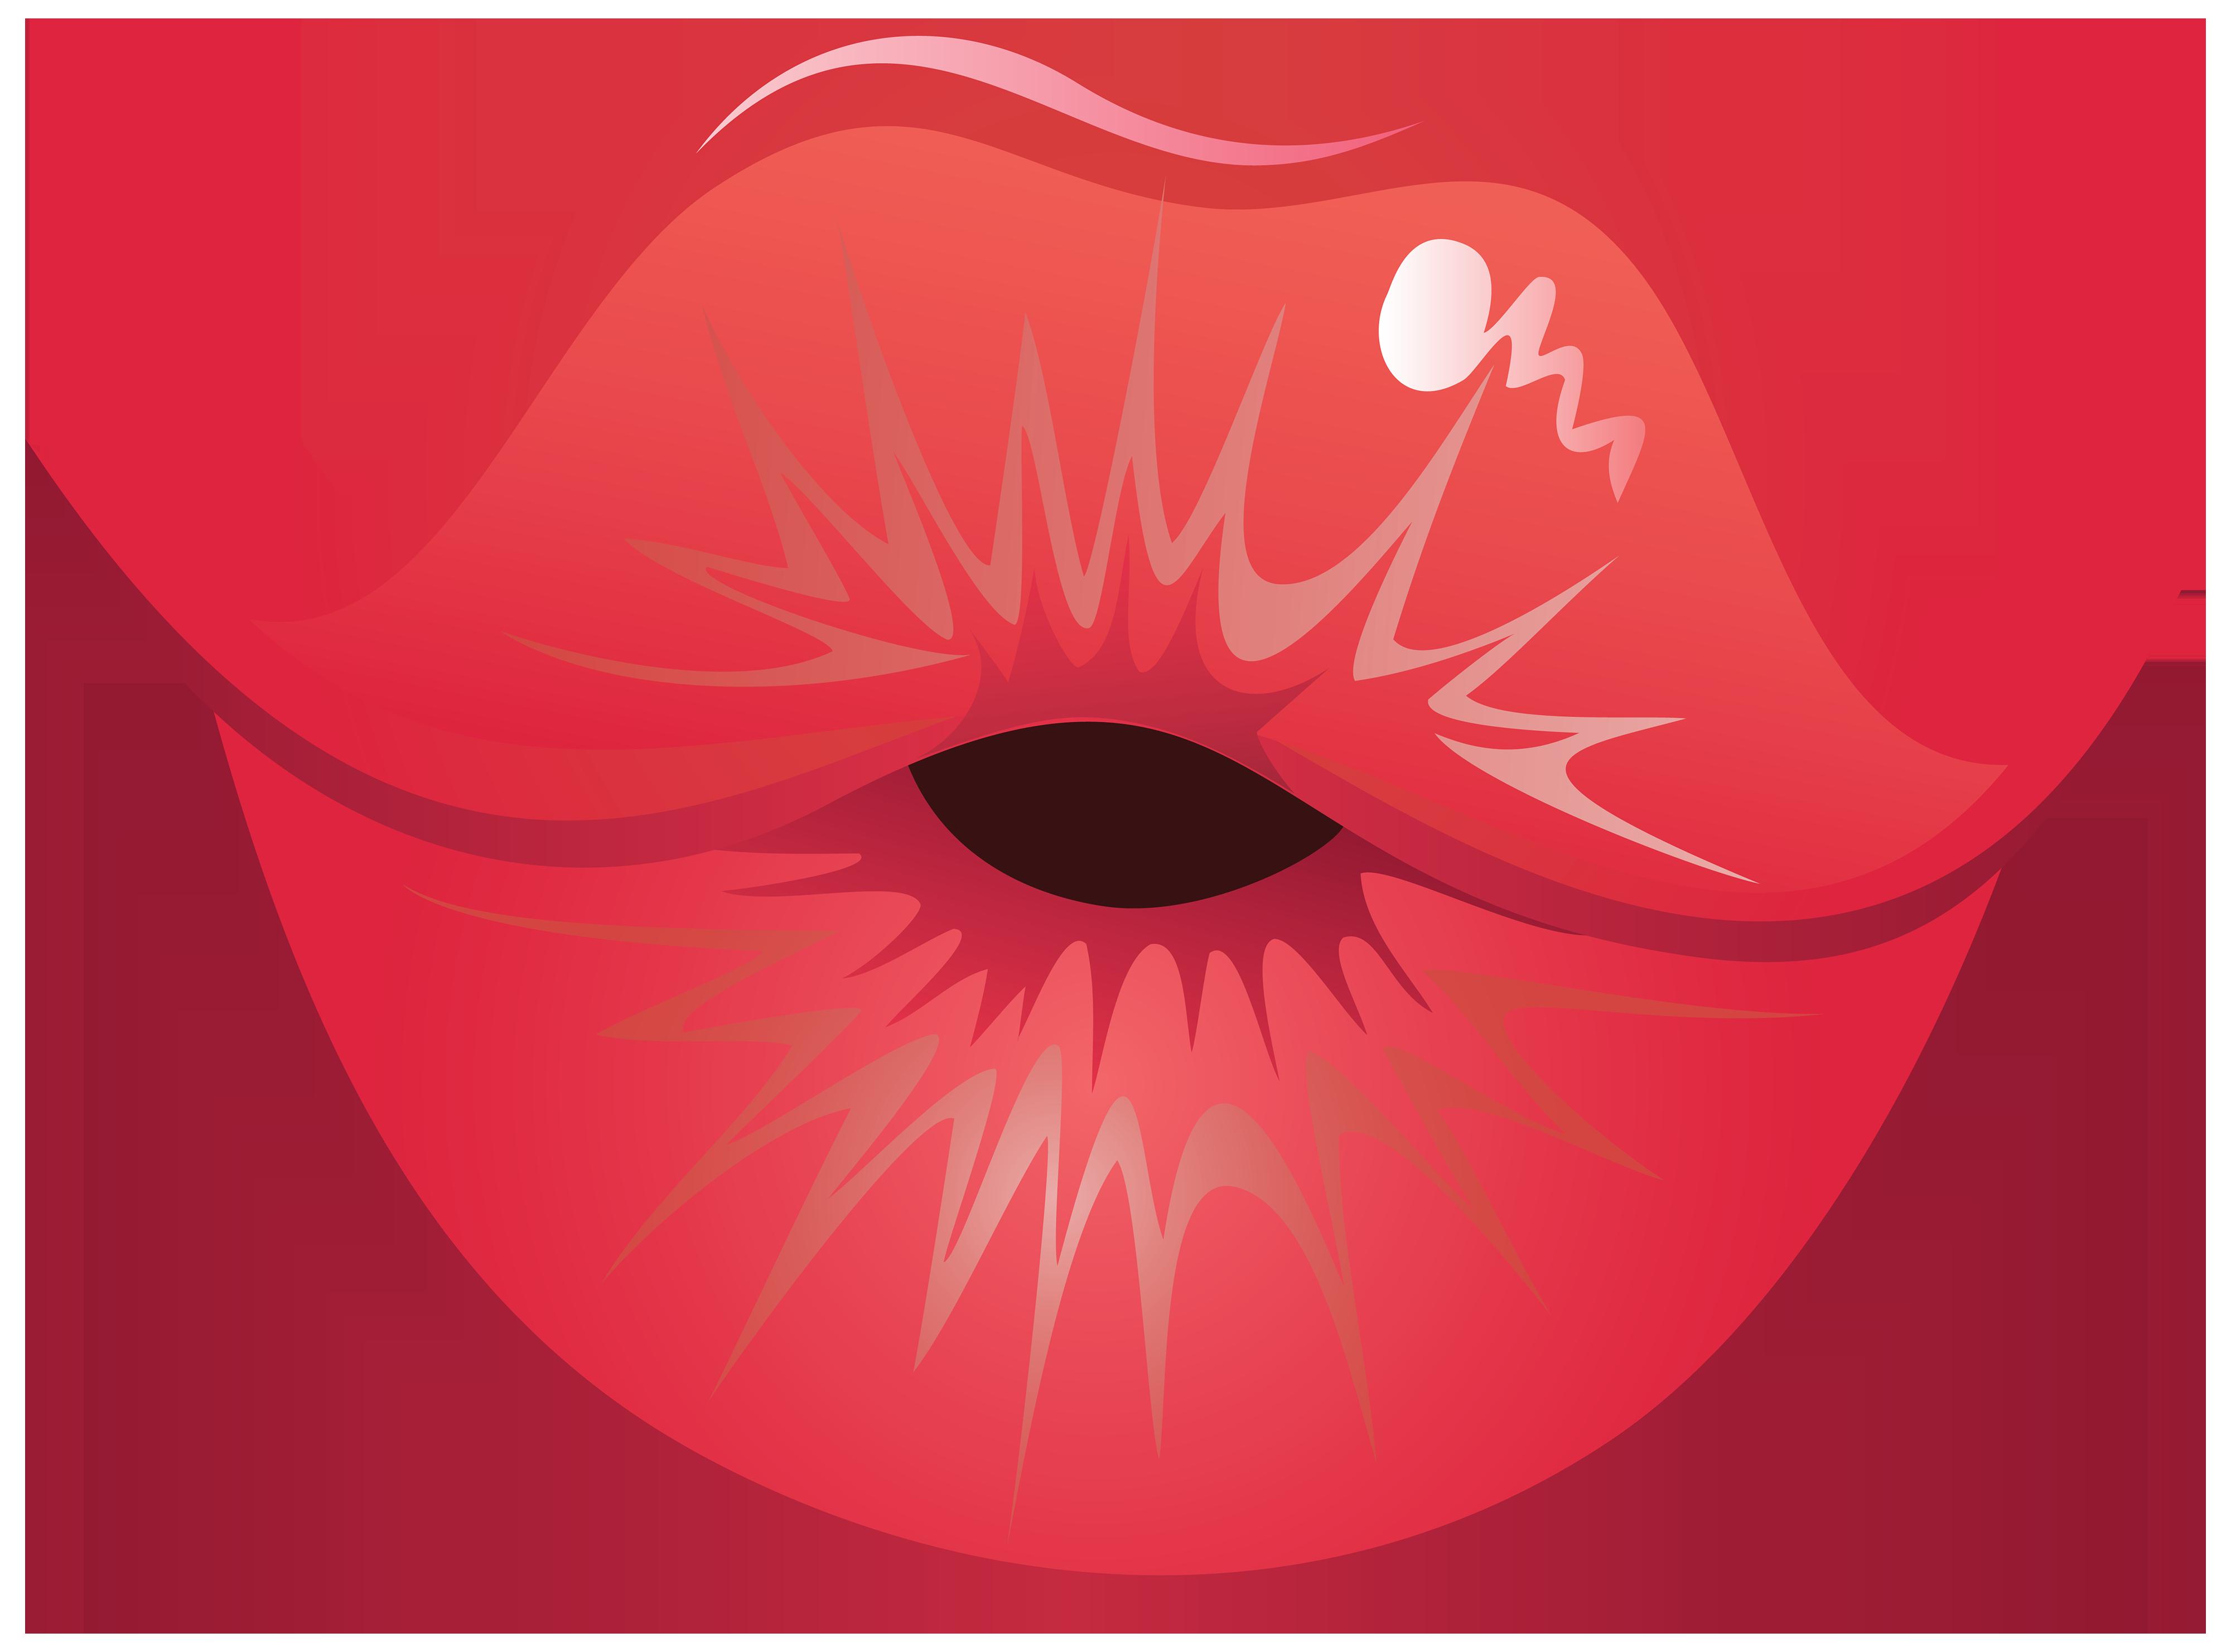 Lips HD PNG - 94068